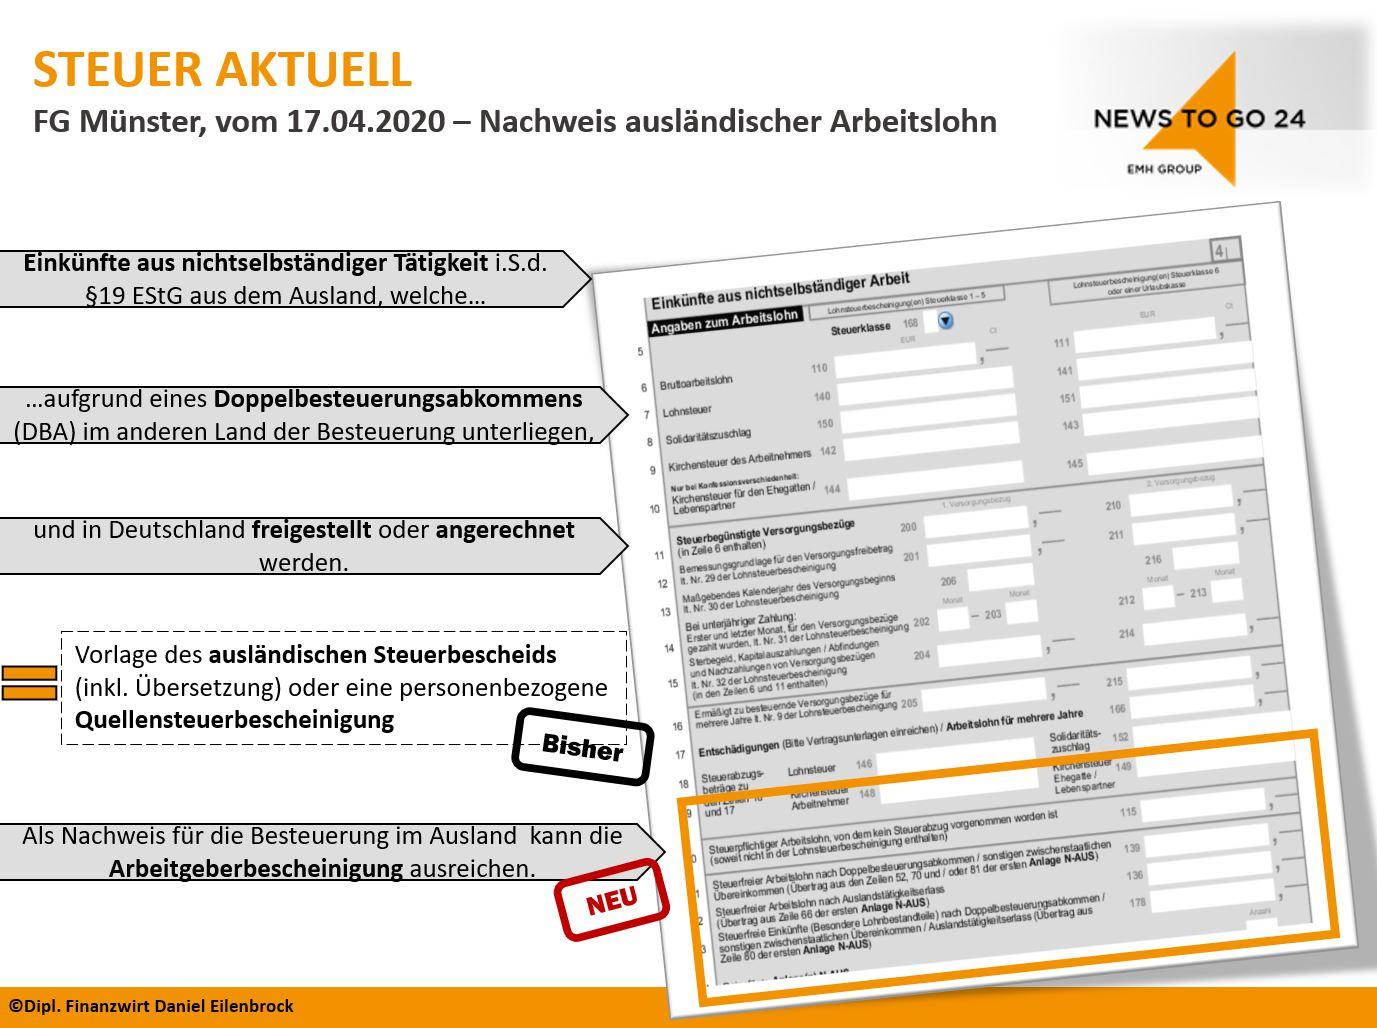 FG Urteil Zusammenfassung - Nachweis ausländischer Arbeitslohn